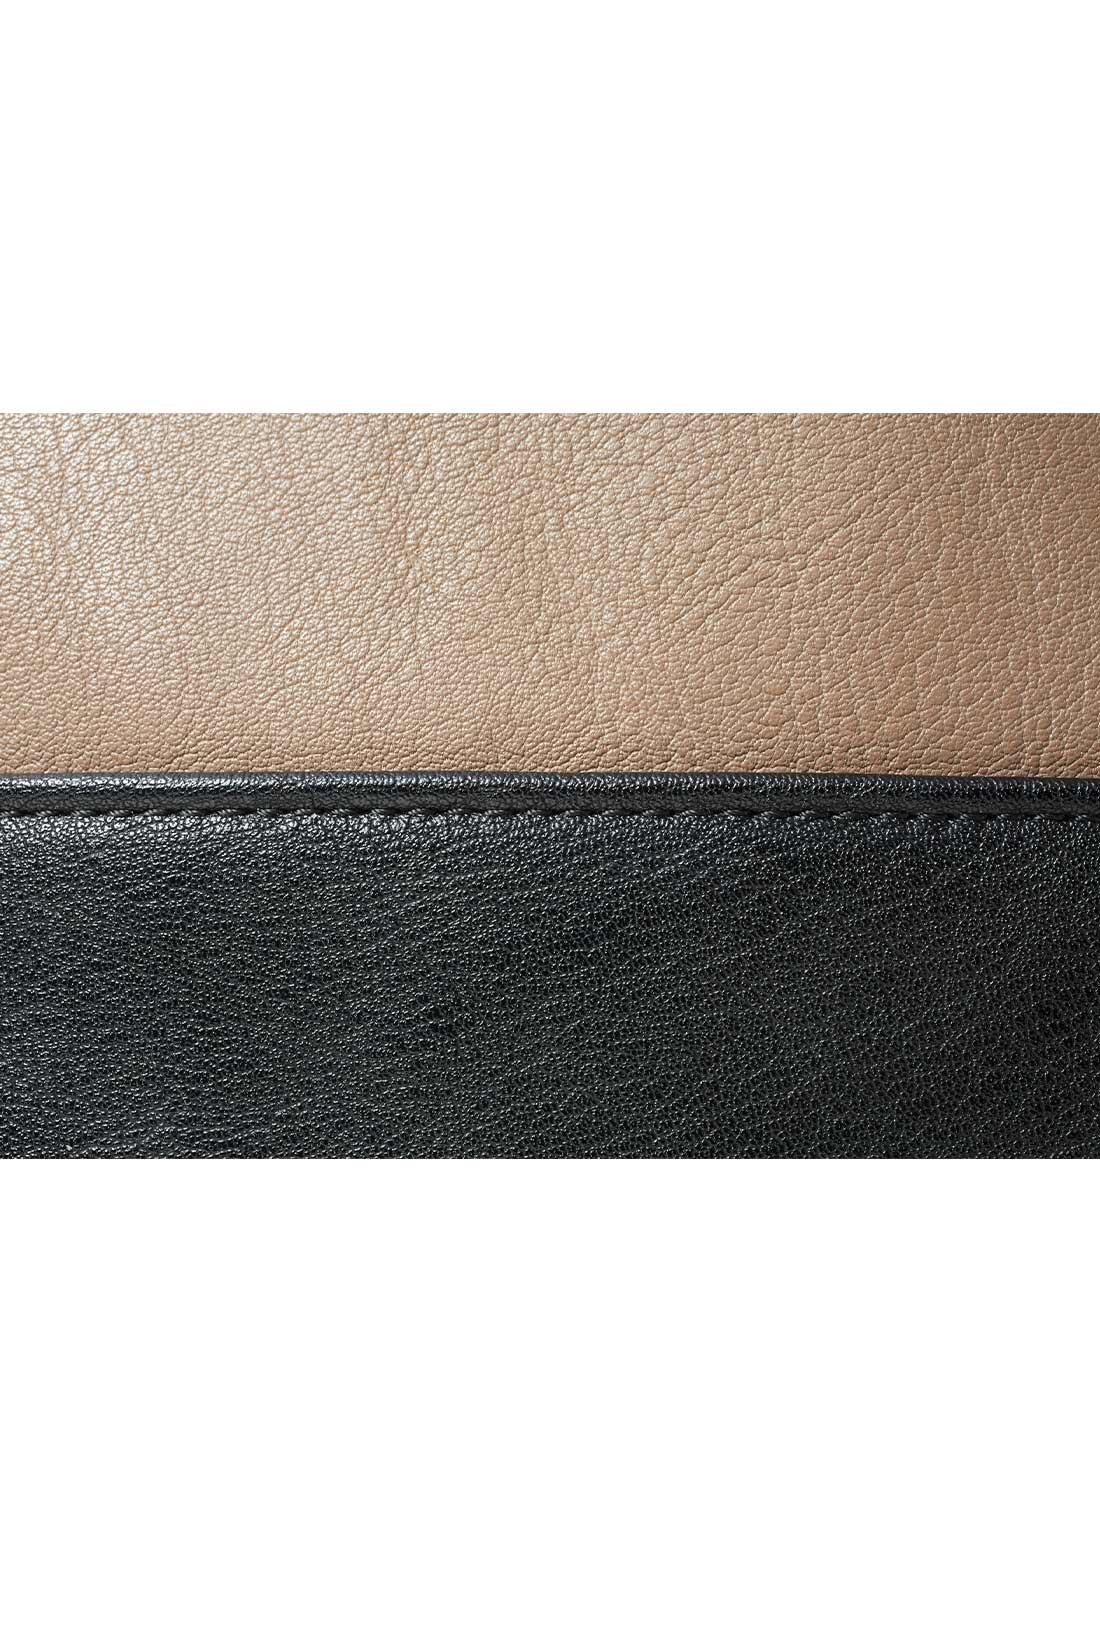 本革見えするきれいな印象の合成皮革。